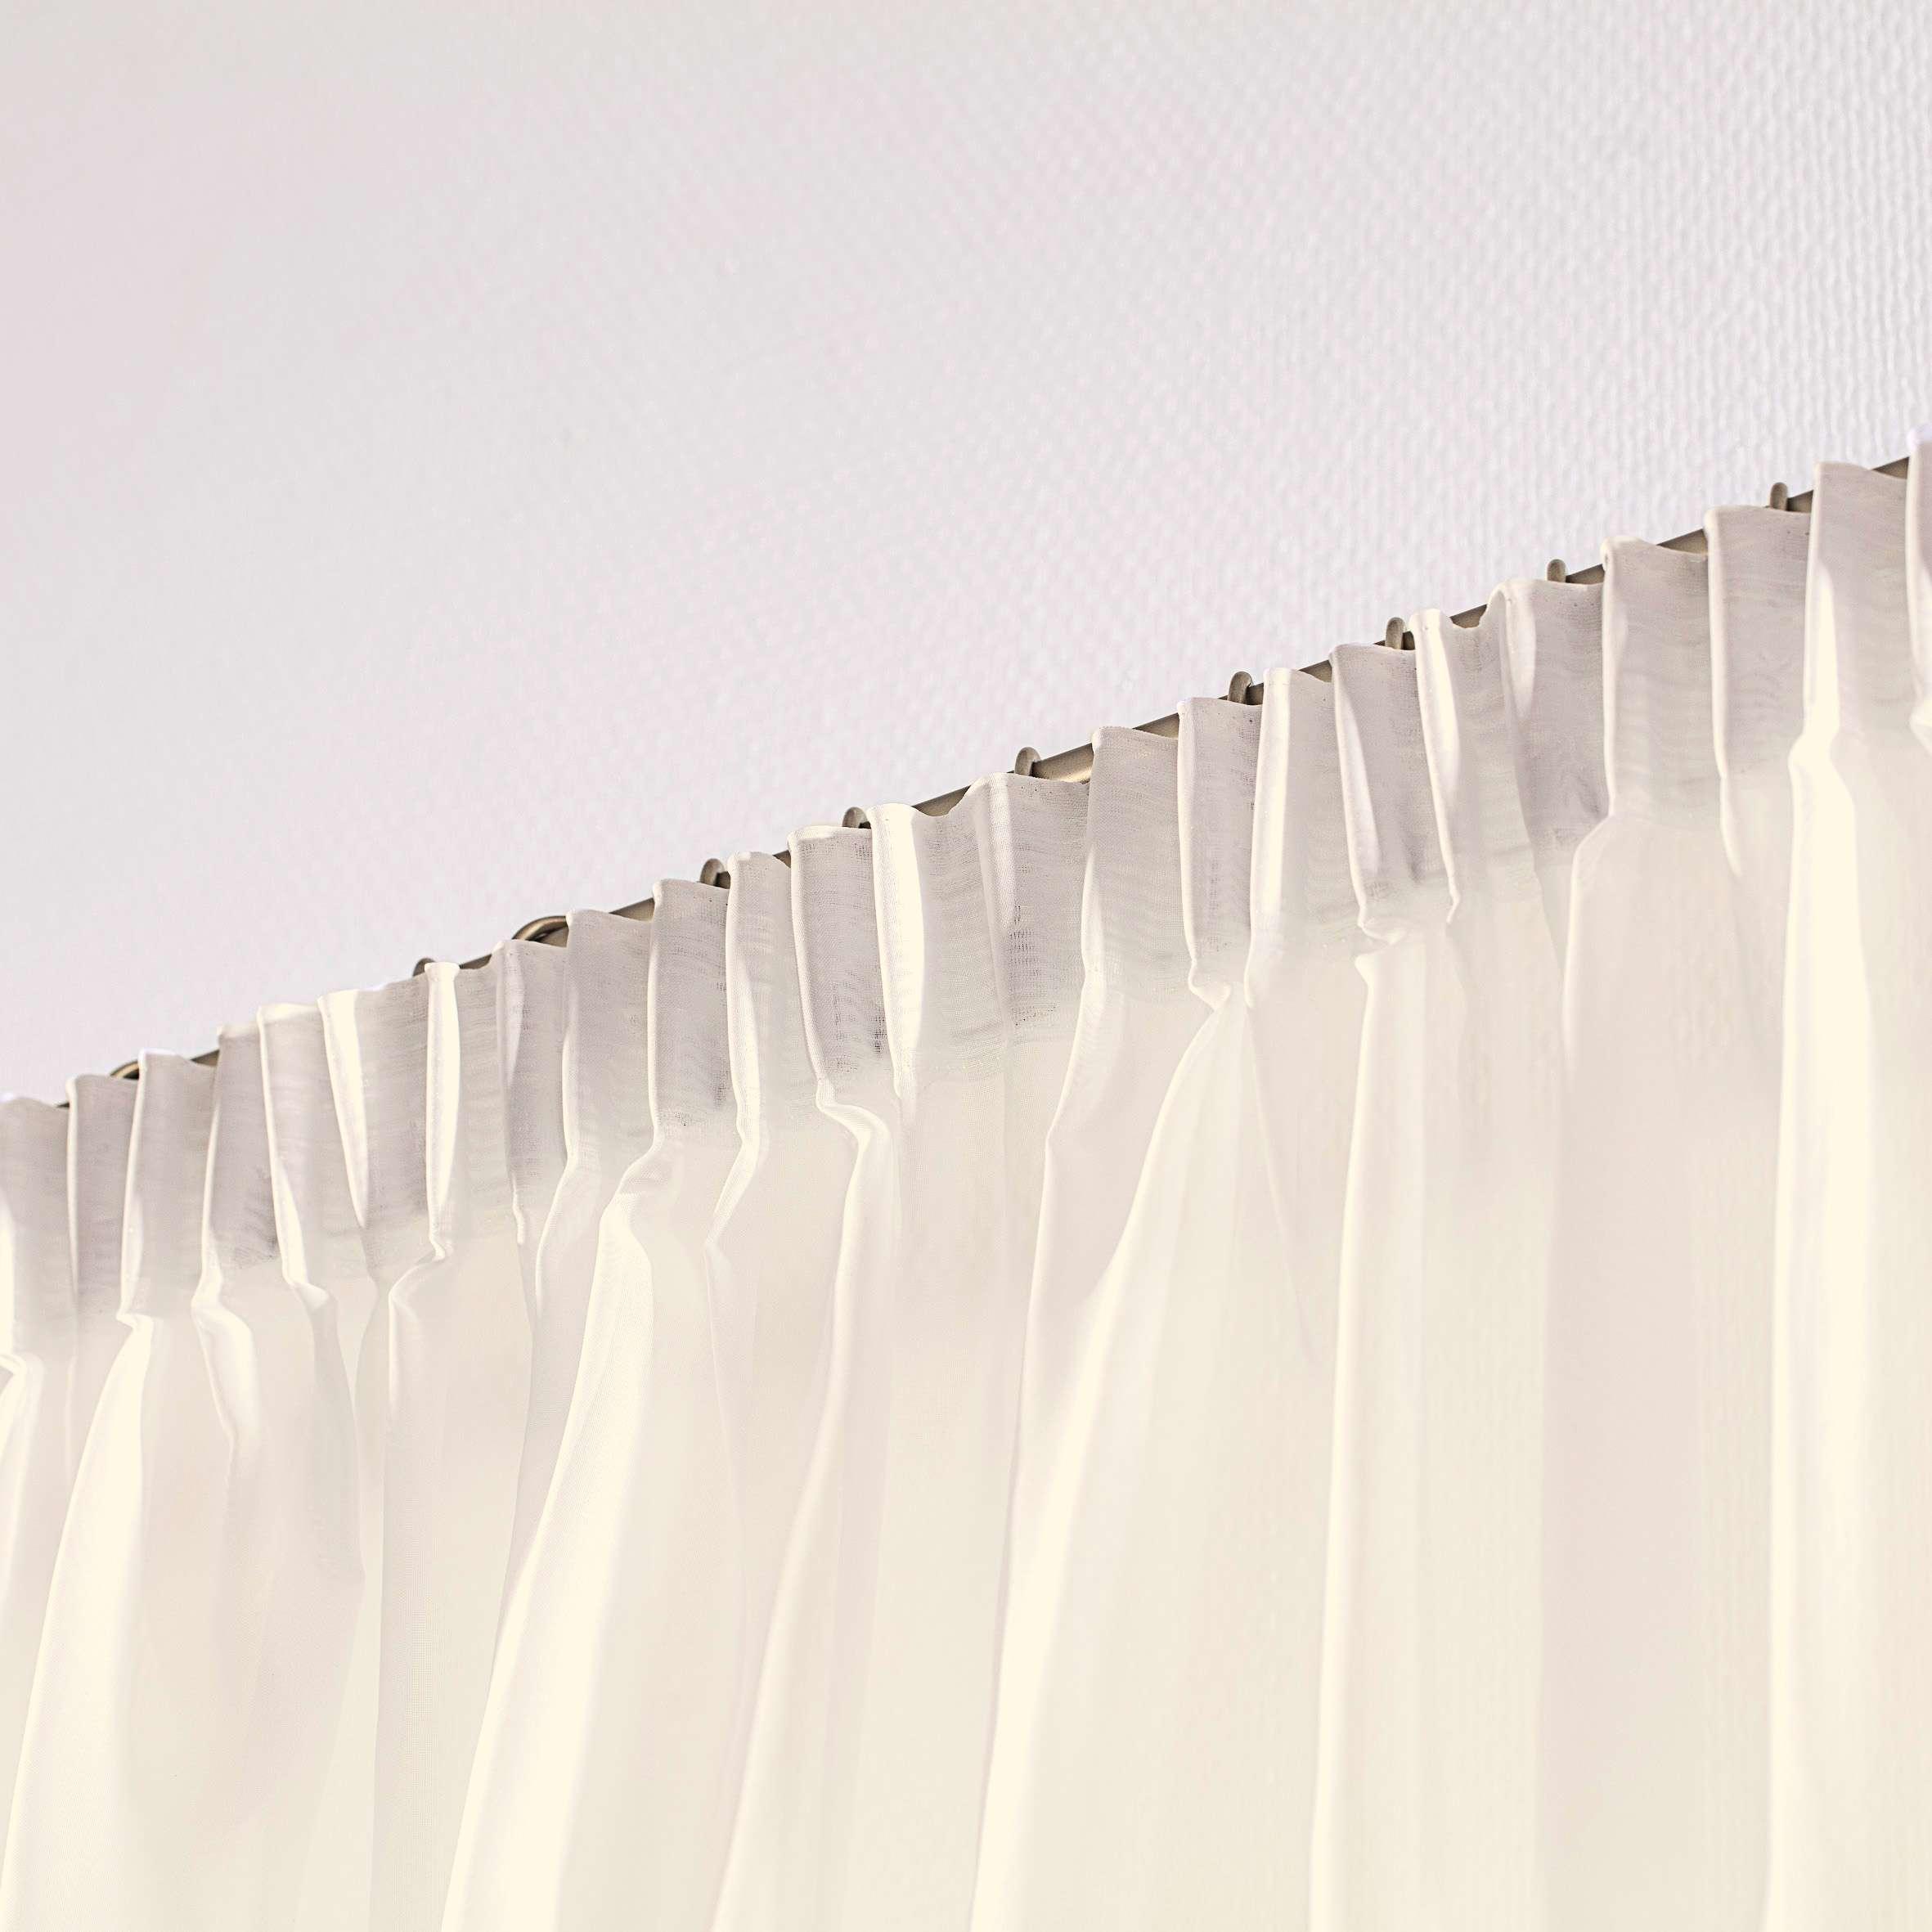 Záclona voálová jednoduchá s řasící páskou na míru 130 x 250 cm v kolekci Voile - Voál, látka: 900-01